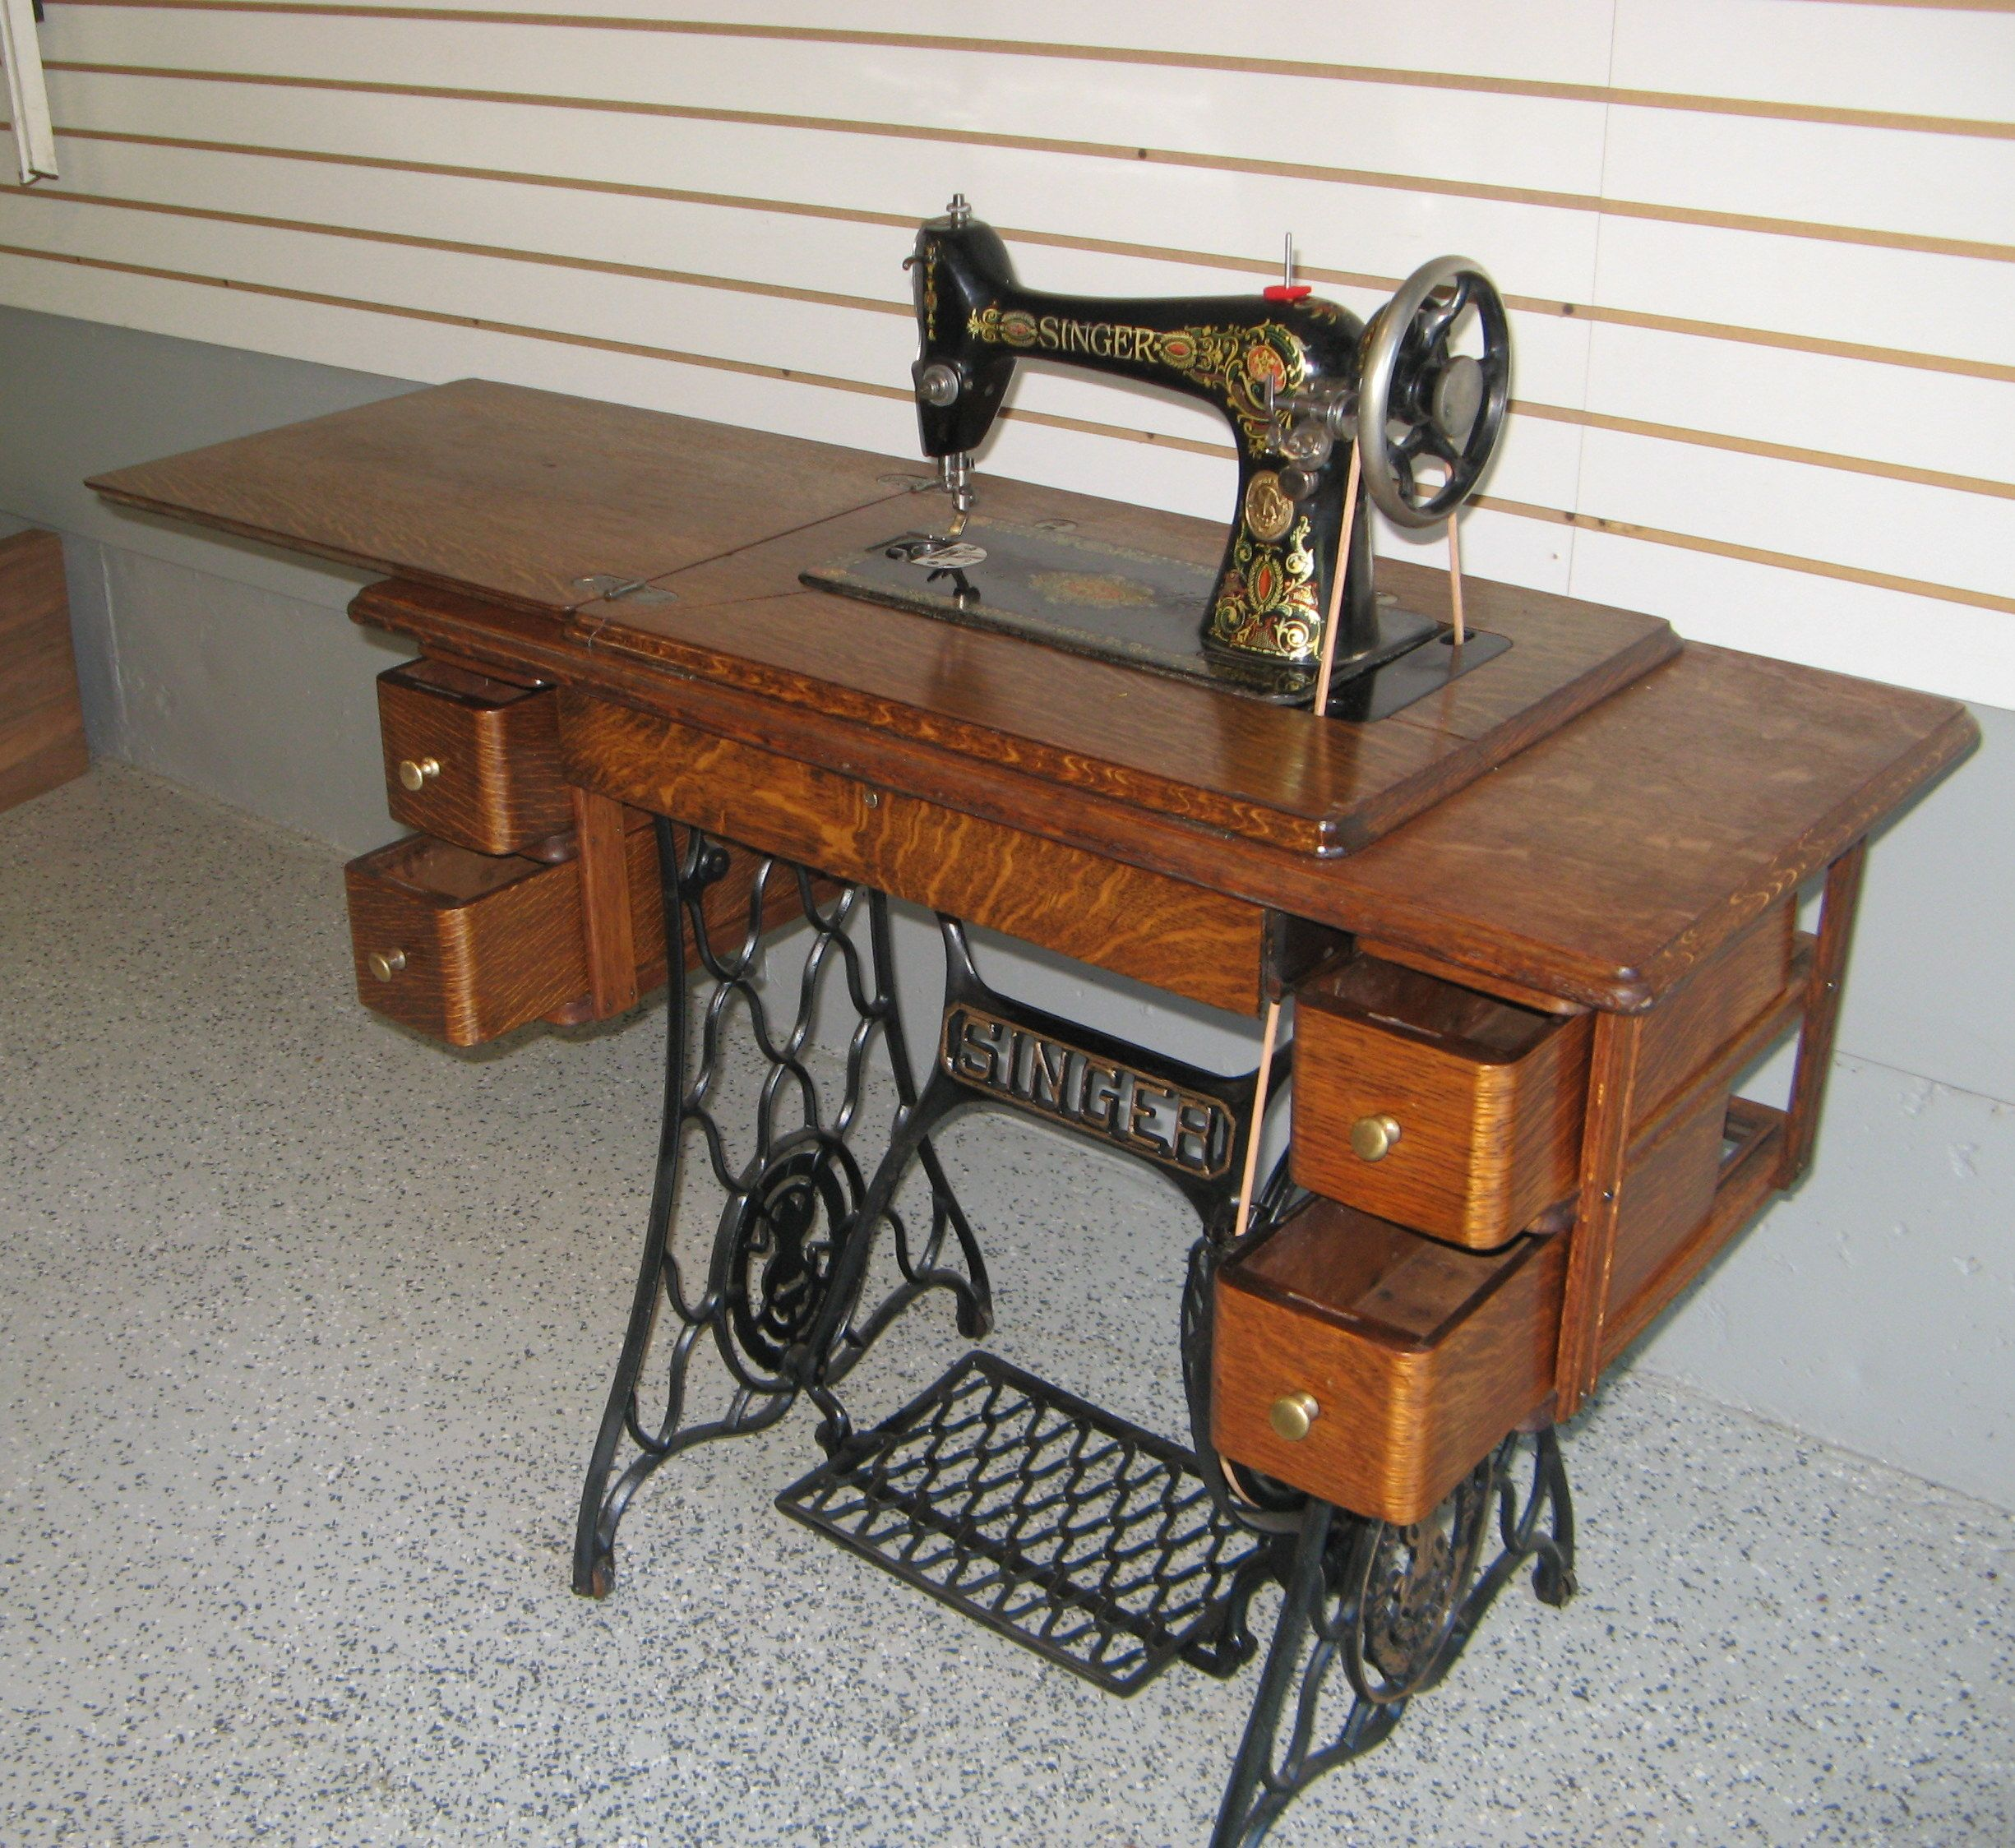 1900 singer sewing machine